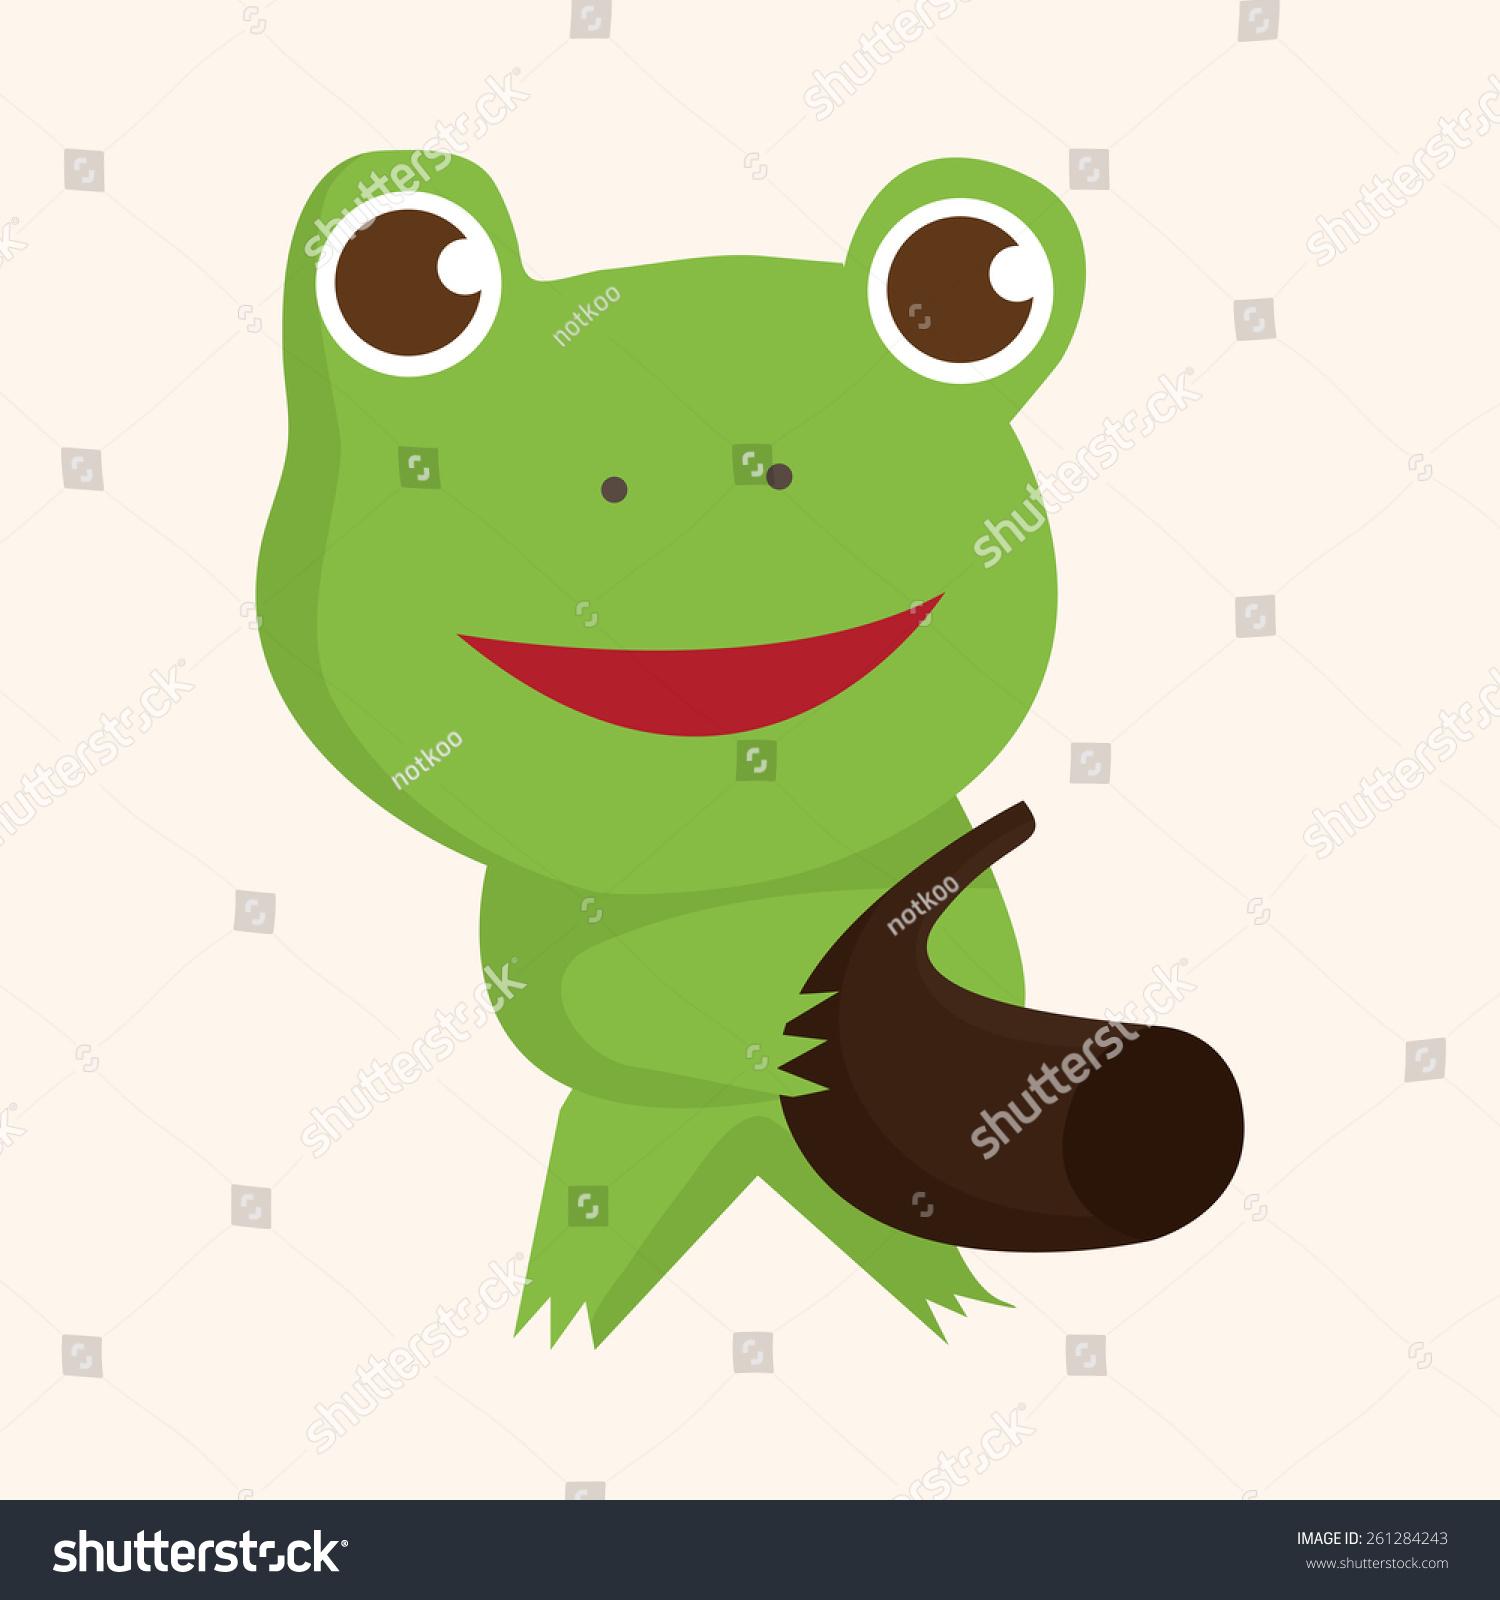 动物青蛙玩乐器卡通主题元素-物体